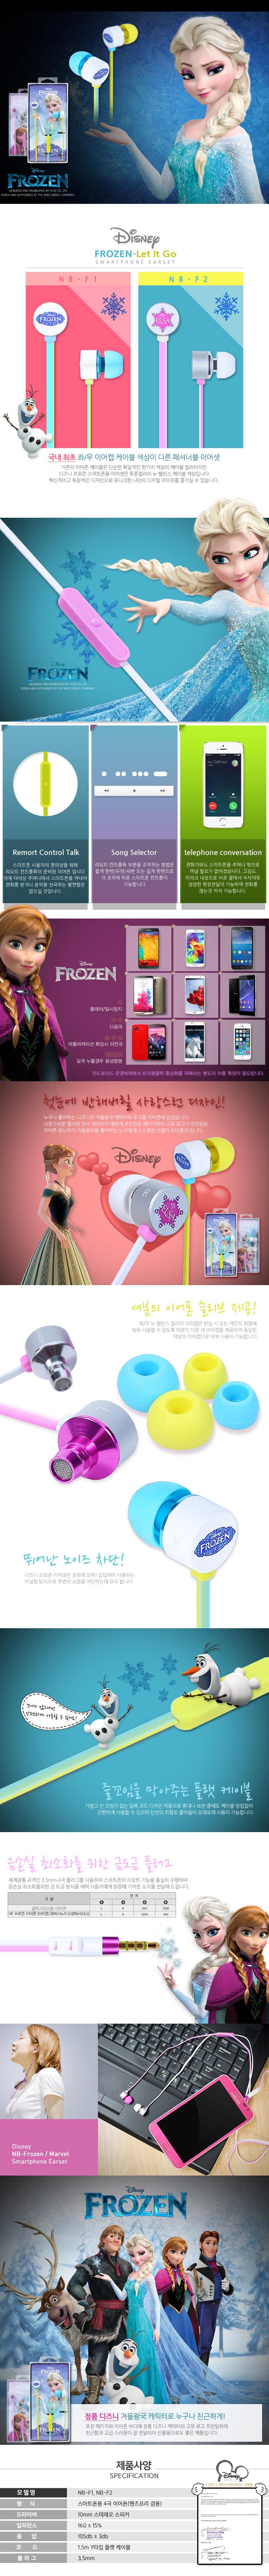 Disney정품 겨울왕국 라이센스 엘사 안나 스마트폰 컨트롤톡 이어폰 - 심플, 12,800원, 이어폰, 유선 이어폰